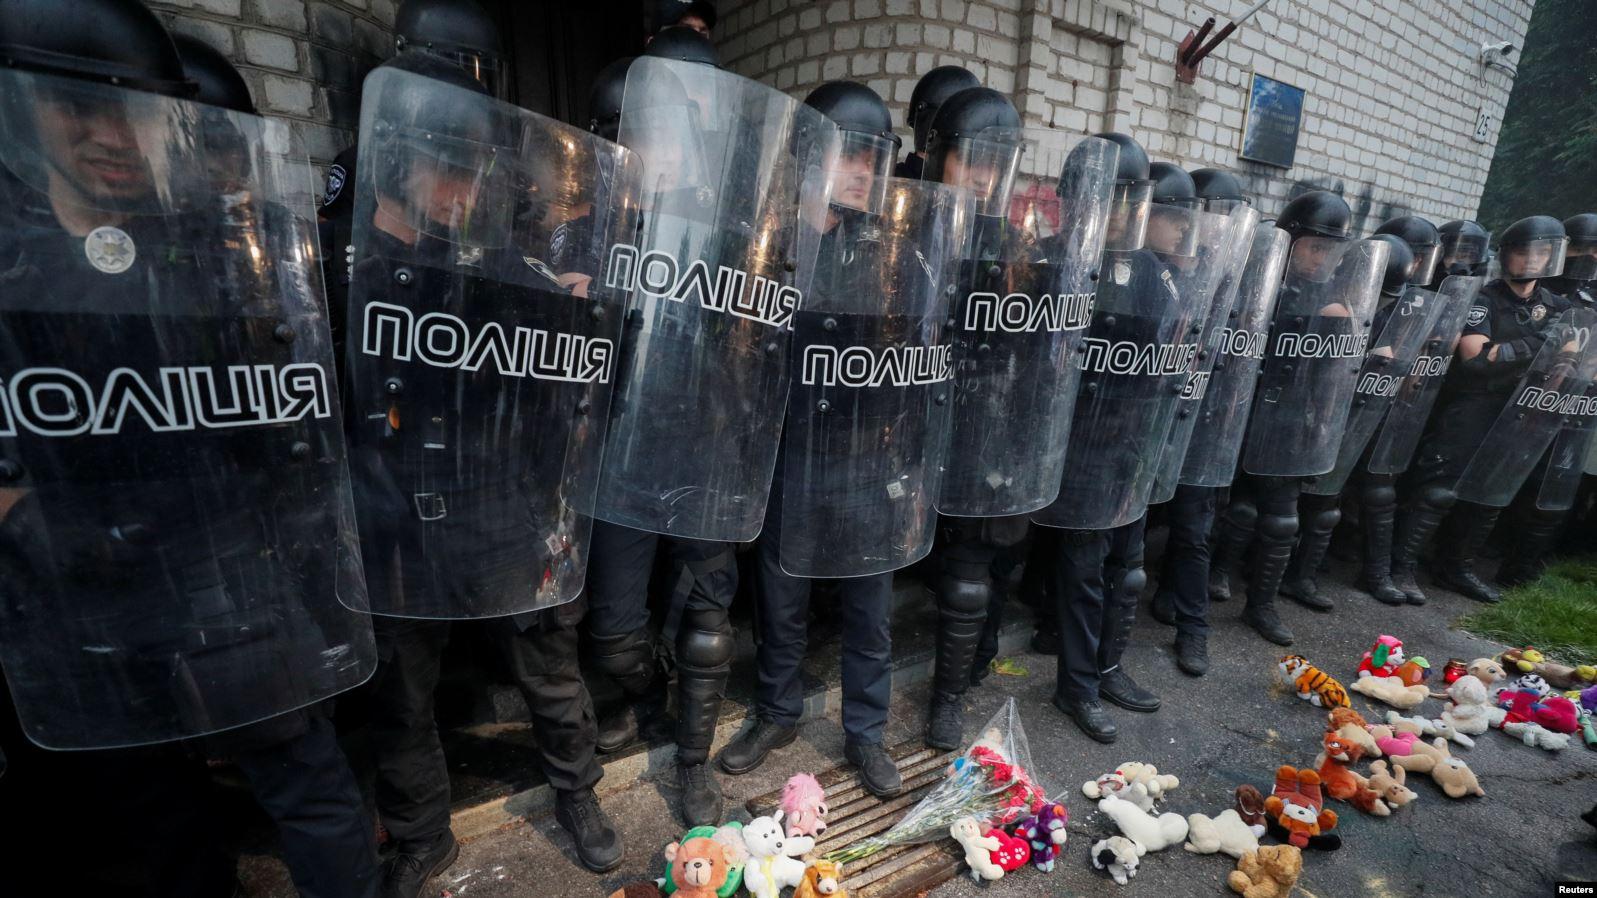 Обурені трагедією протестувальники принесли дитячі іграшки під місцевий відділок поліції у Переяслав-Хмельницькому, де працювали підозрювані